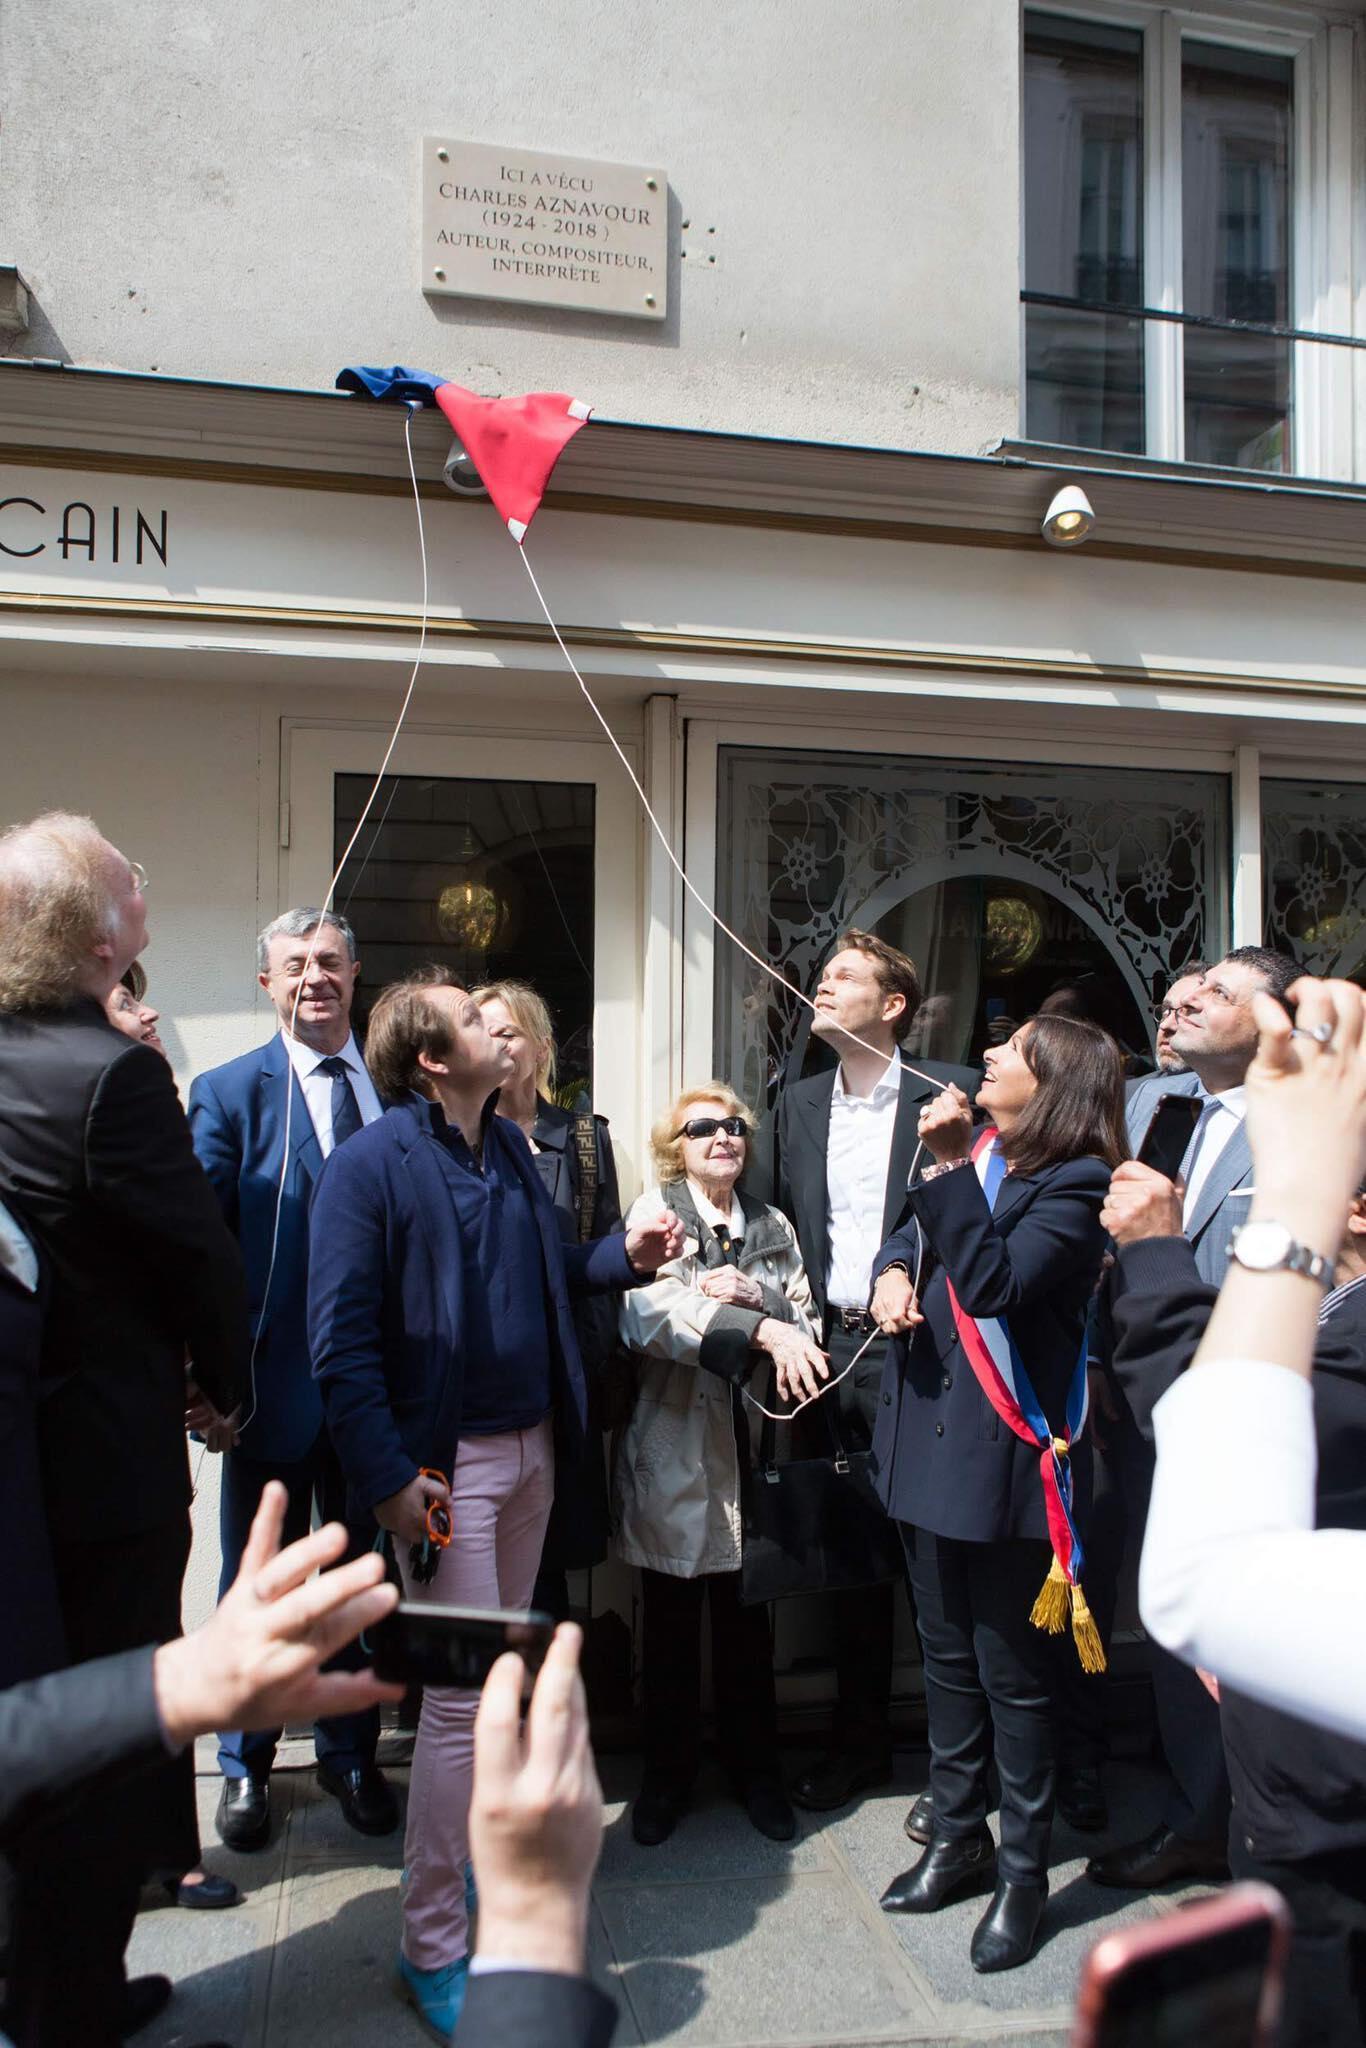 Мэр Парижа на открытии мемориальной доски в честь Шарля Азнавура, 21 мая 2019 год